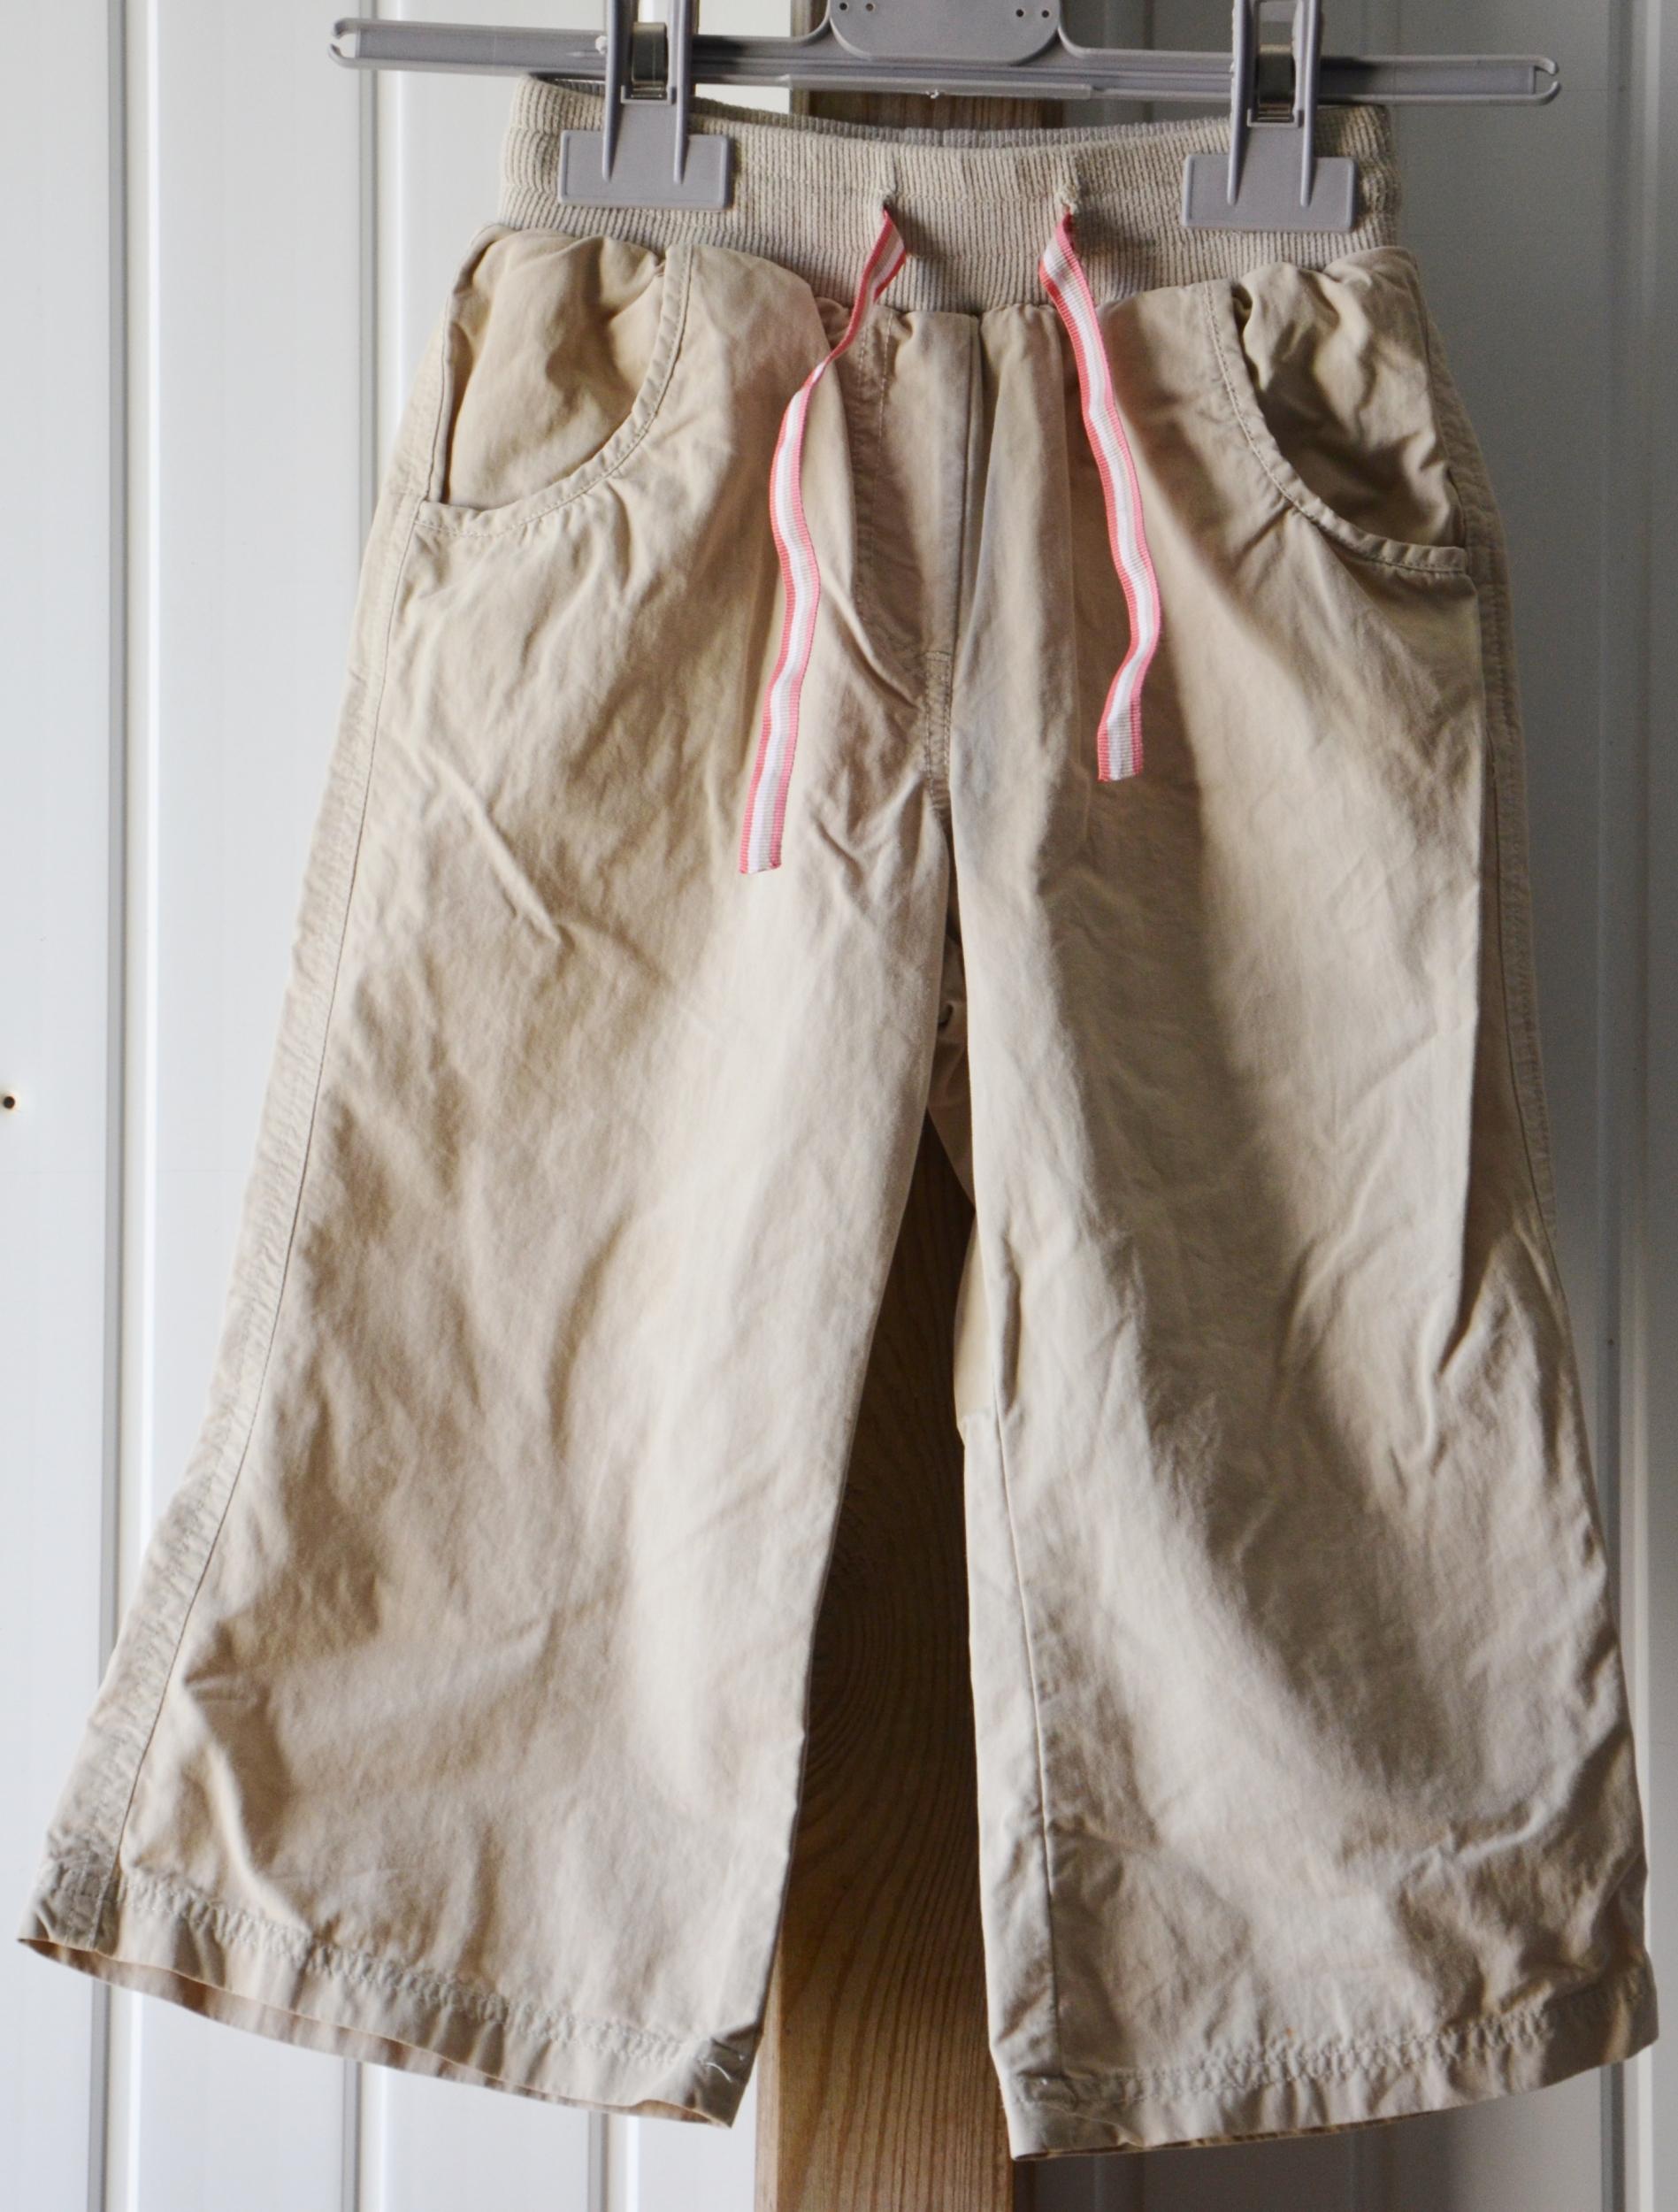 pantalon kiabi baby 24 mois